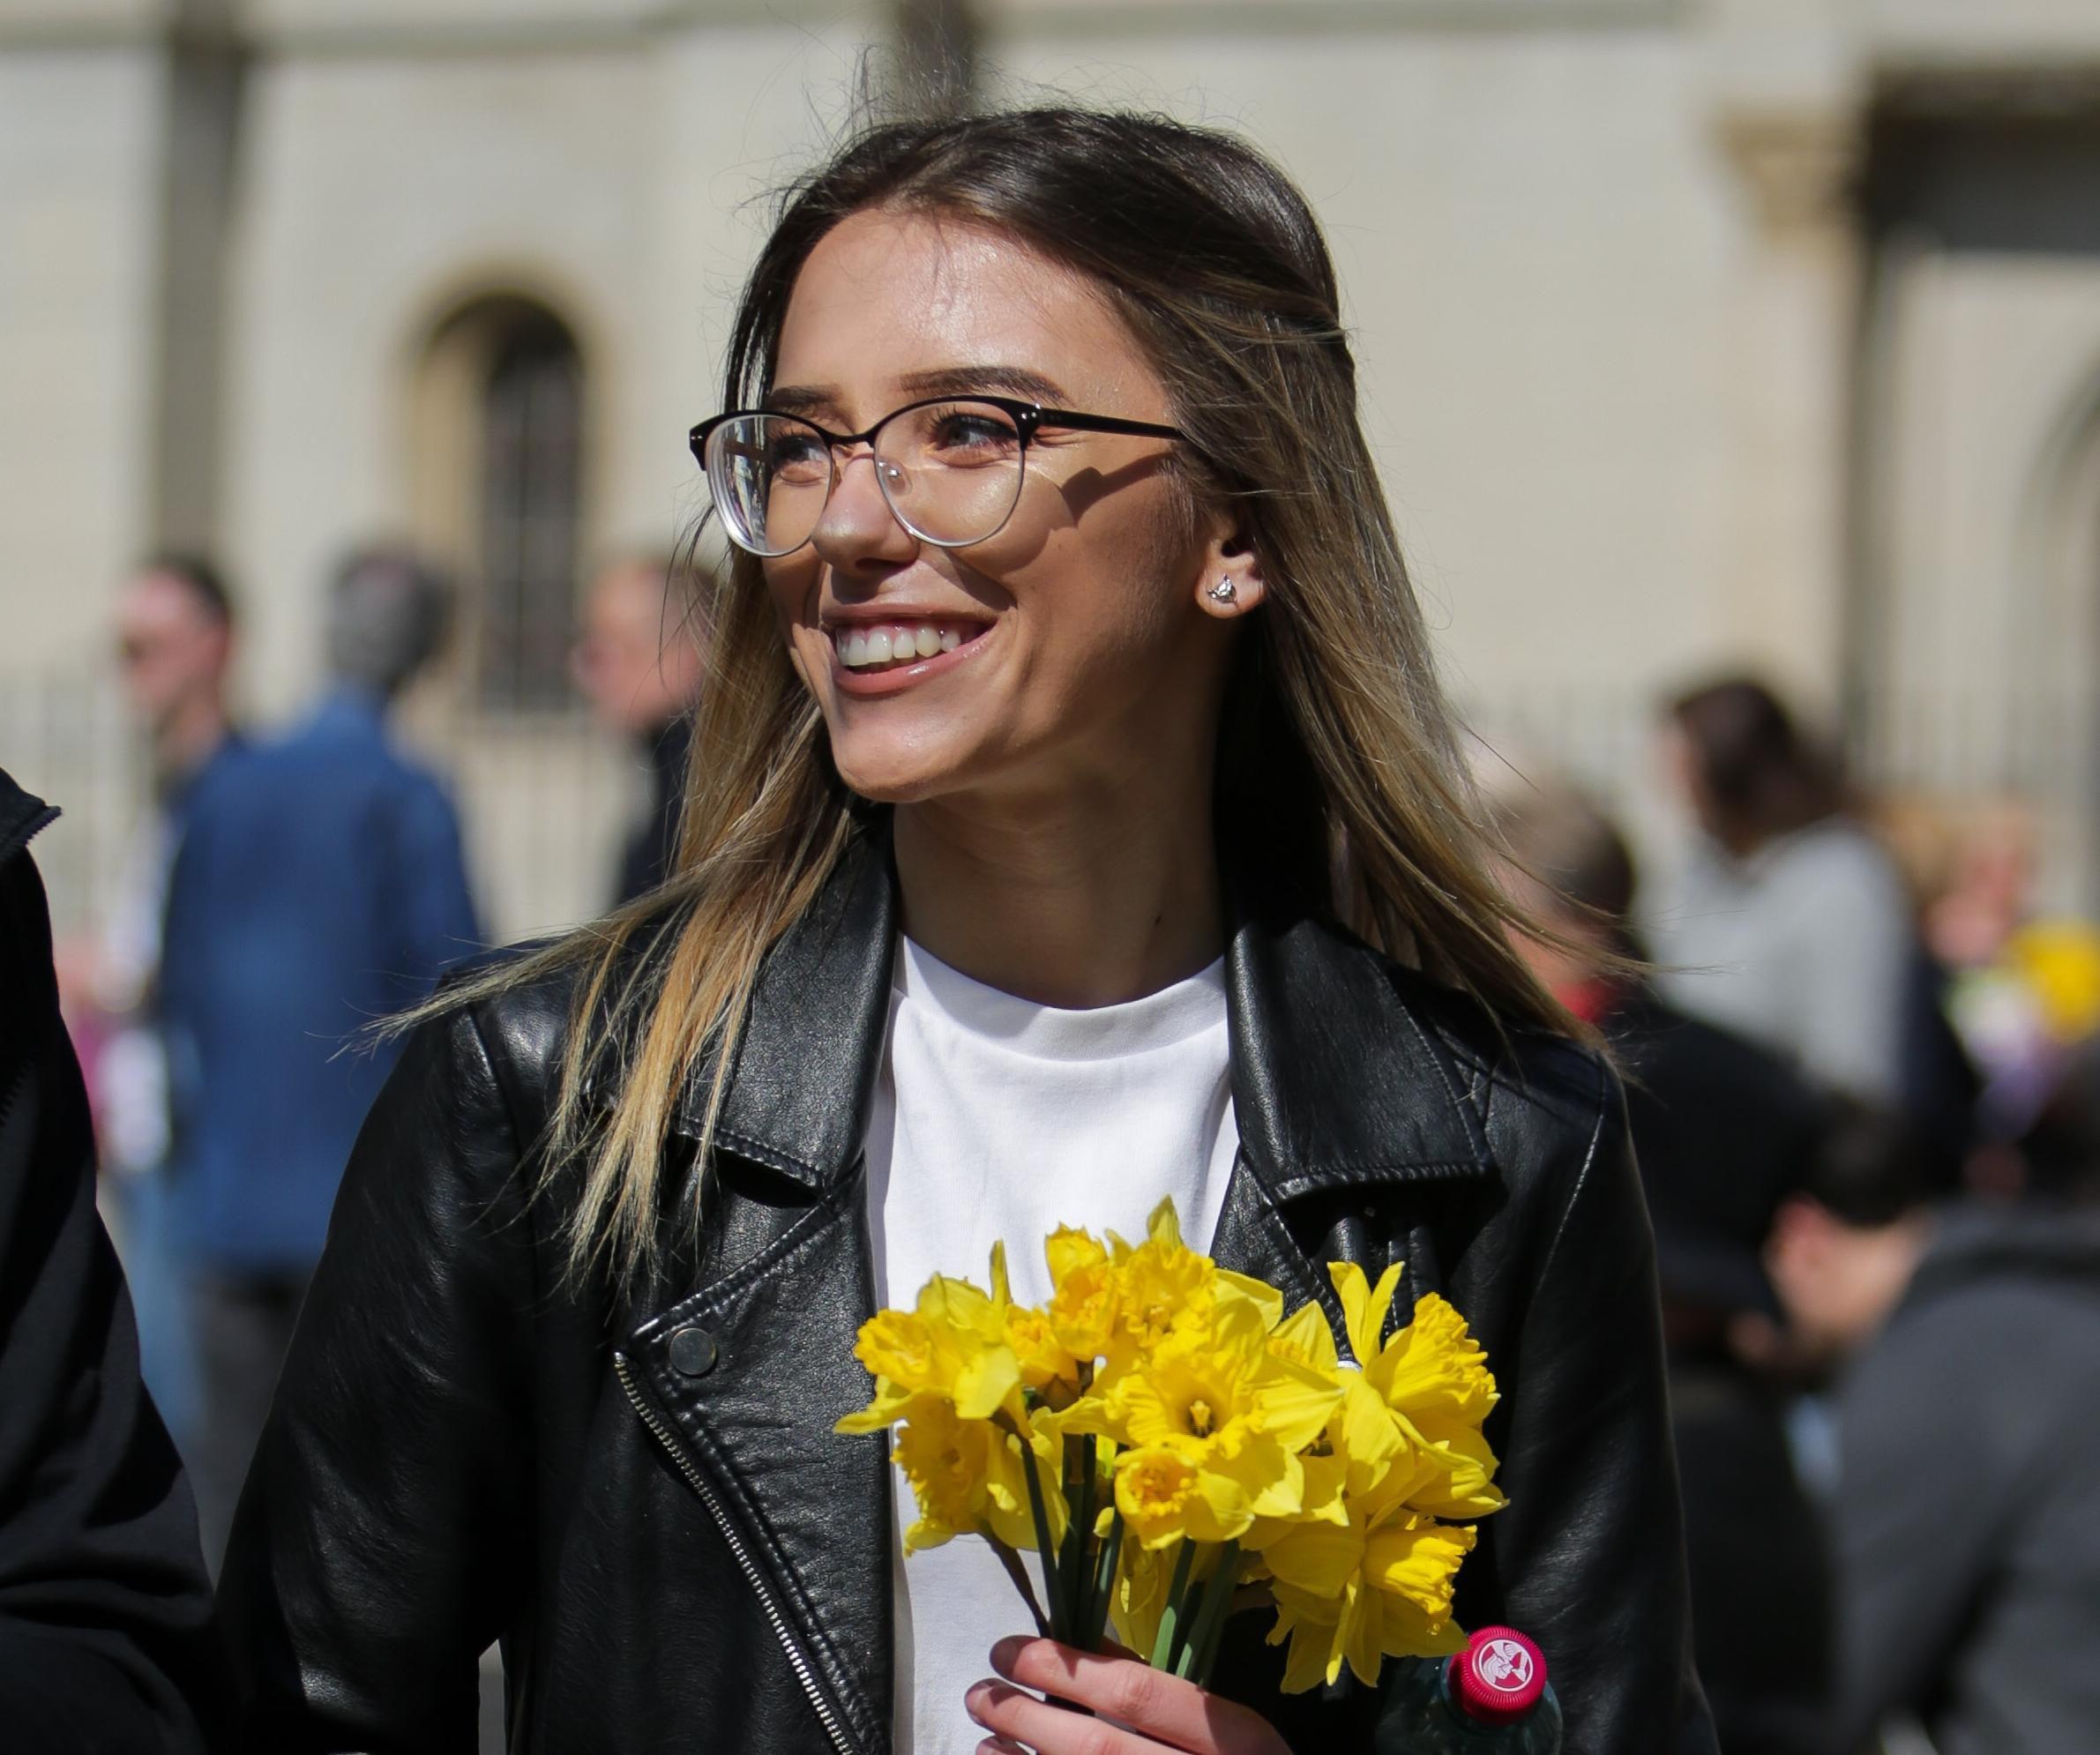 Minica i najljepši osmijeh zagrebačke špice: Ljepotica jednostavnošću ukrala pozornost u centru Zagreba